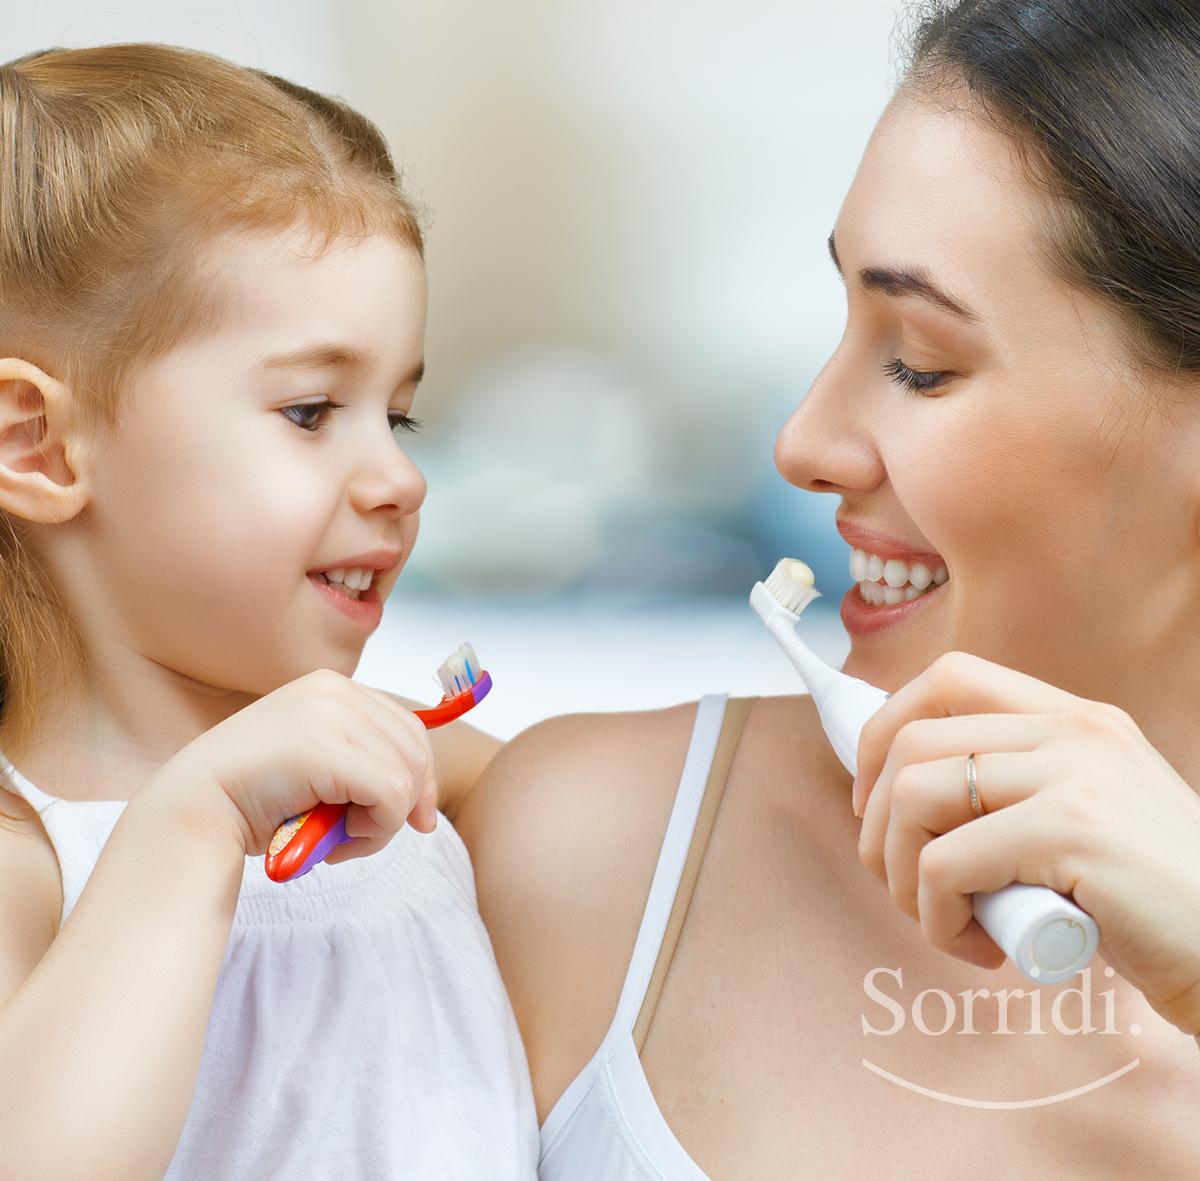 sorridi-consigli-mamma-papa-denti-bambini